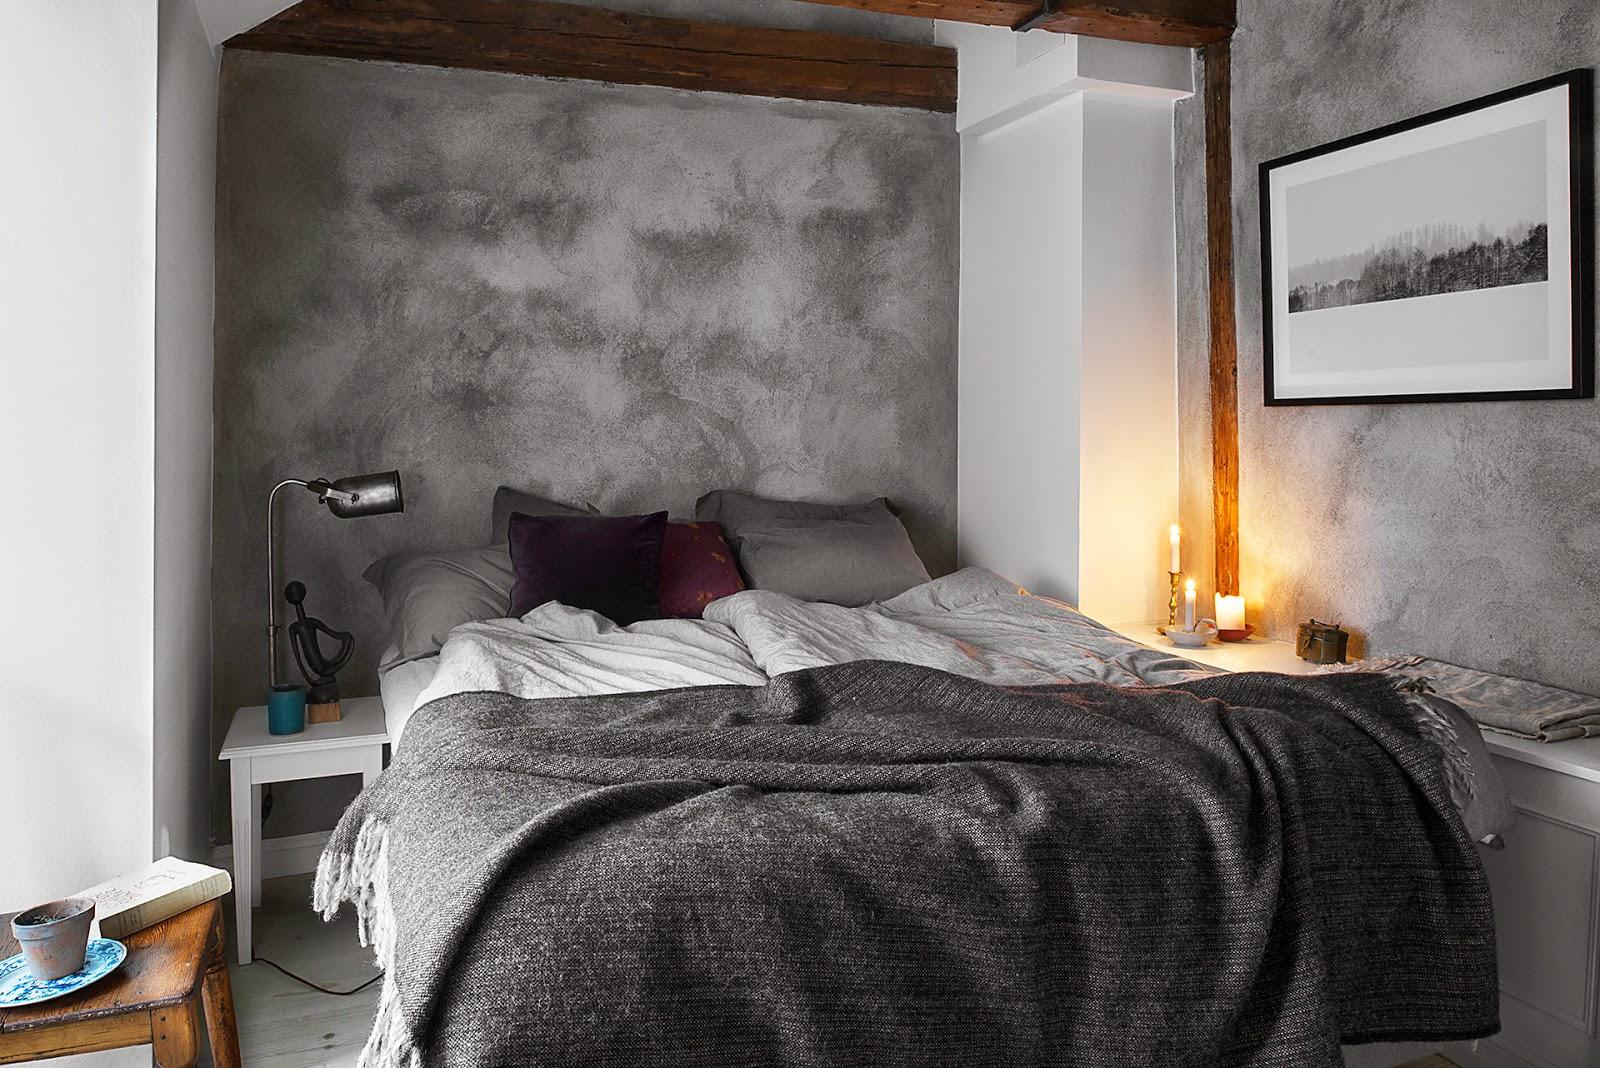 Creative ordinette neutrals in the bedroom colori for Arredamento stanza da letto